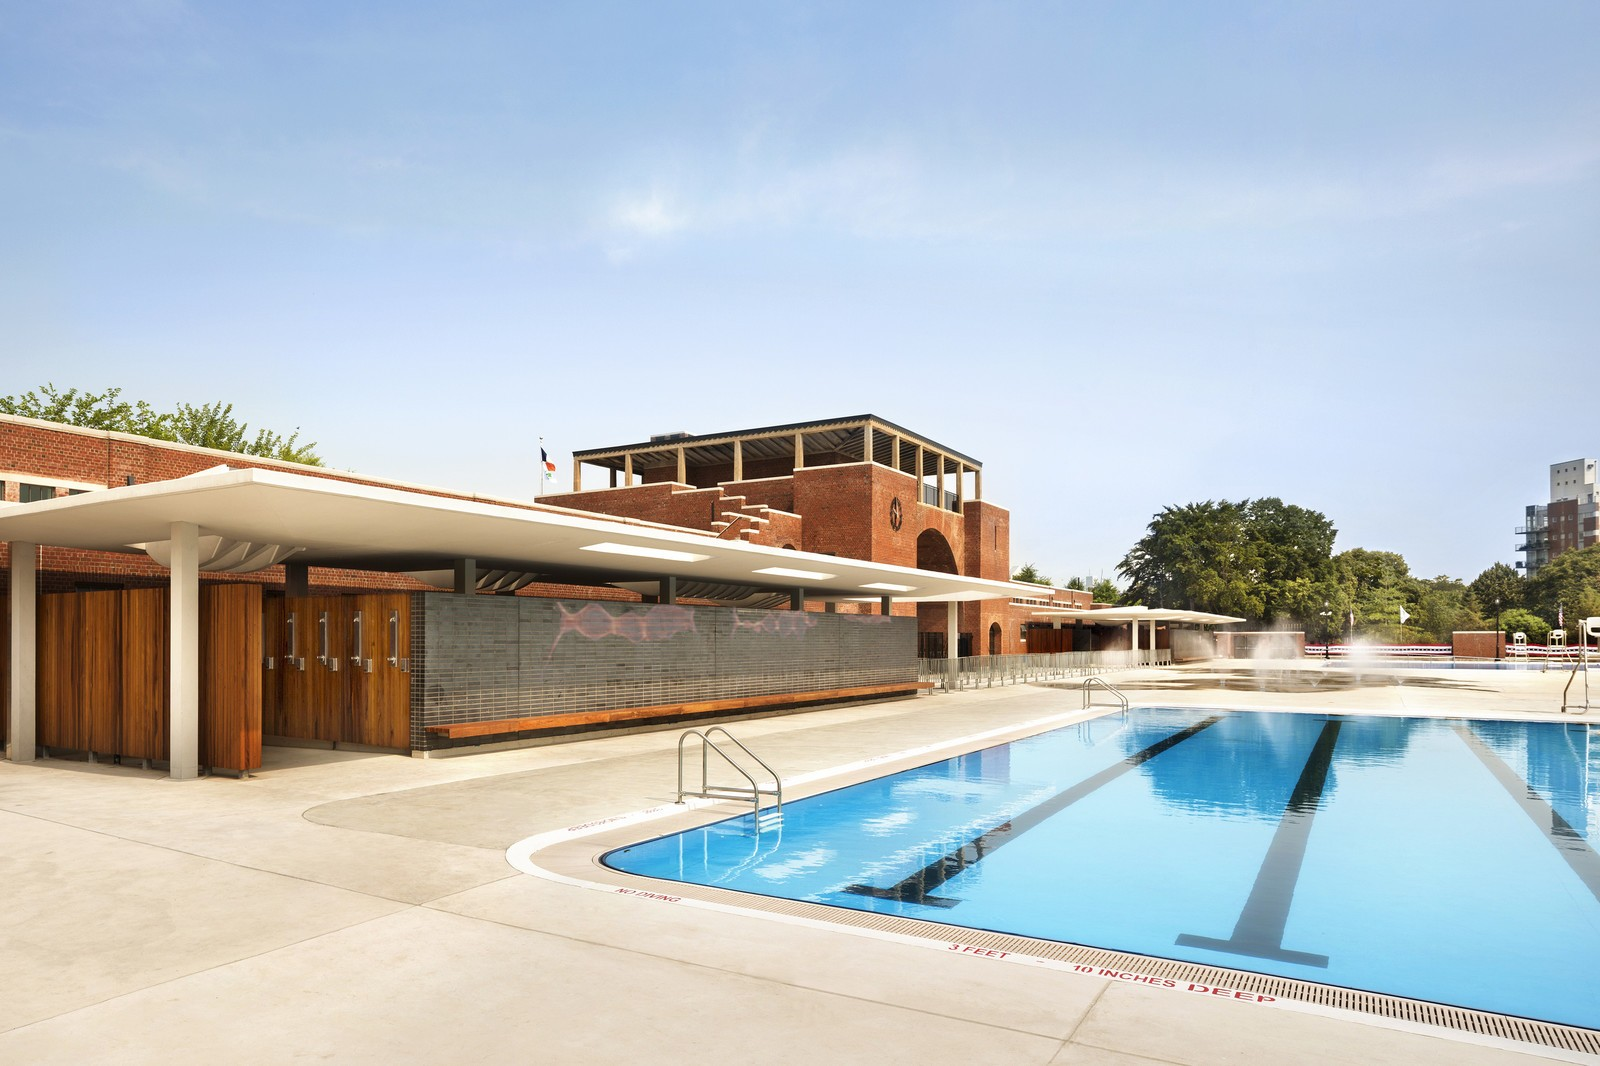 McCarren Pool and Bathhouse